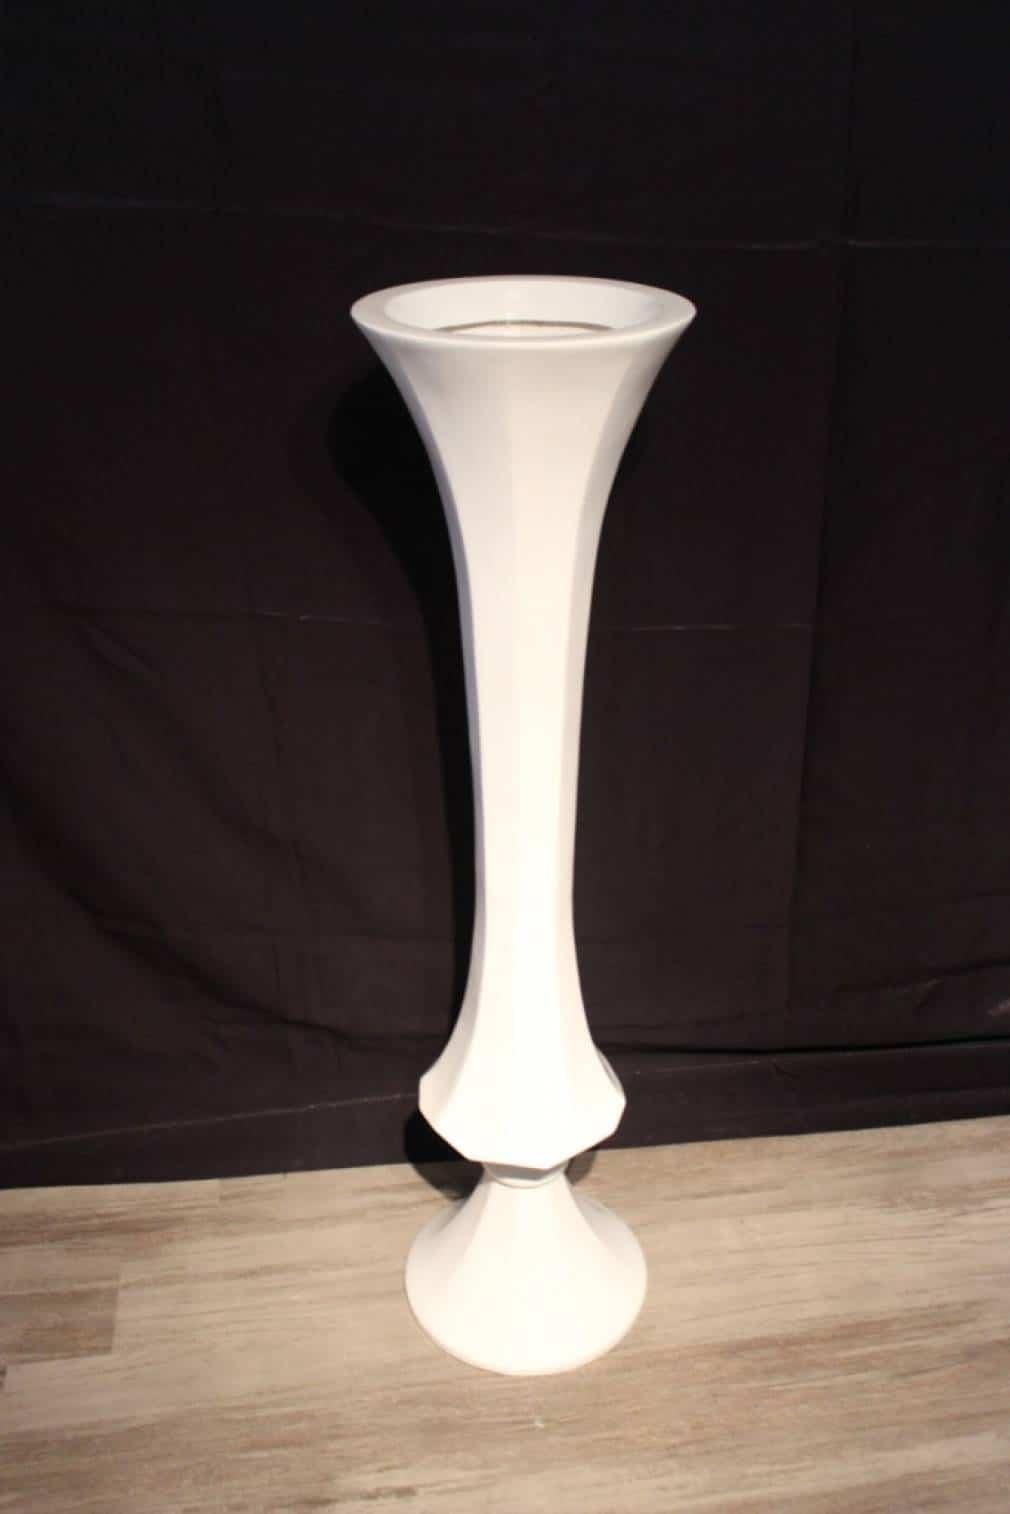 vase en plexiglas pas cher interesting vase en plexiglas pas cher with vase en plexiglas pas. Black Bedroom Furniture Sets. Home Design Ideas